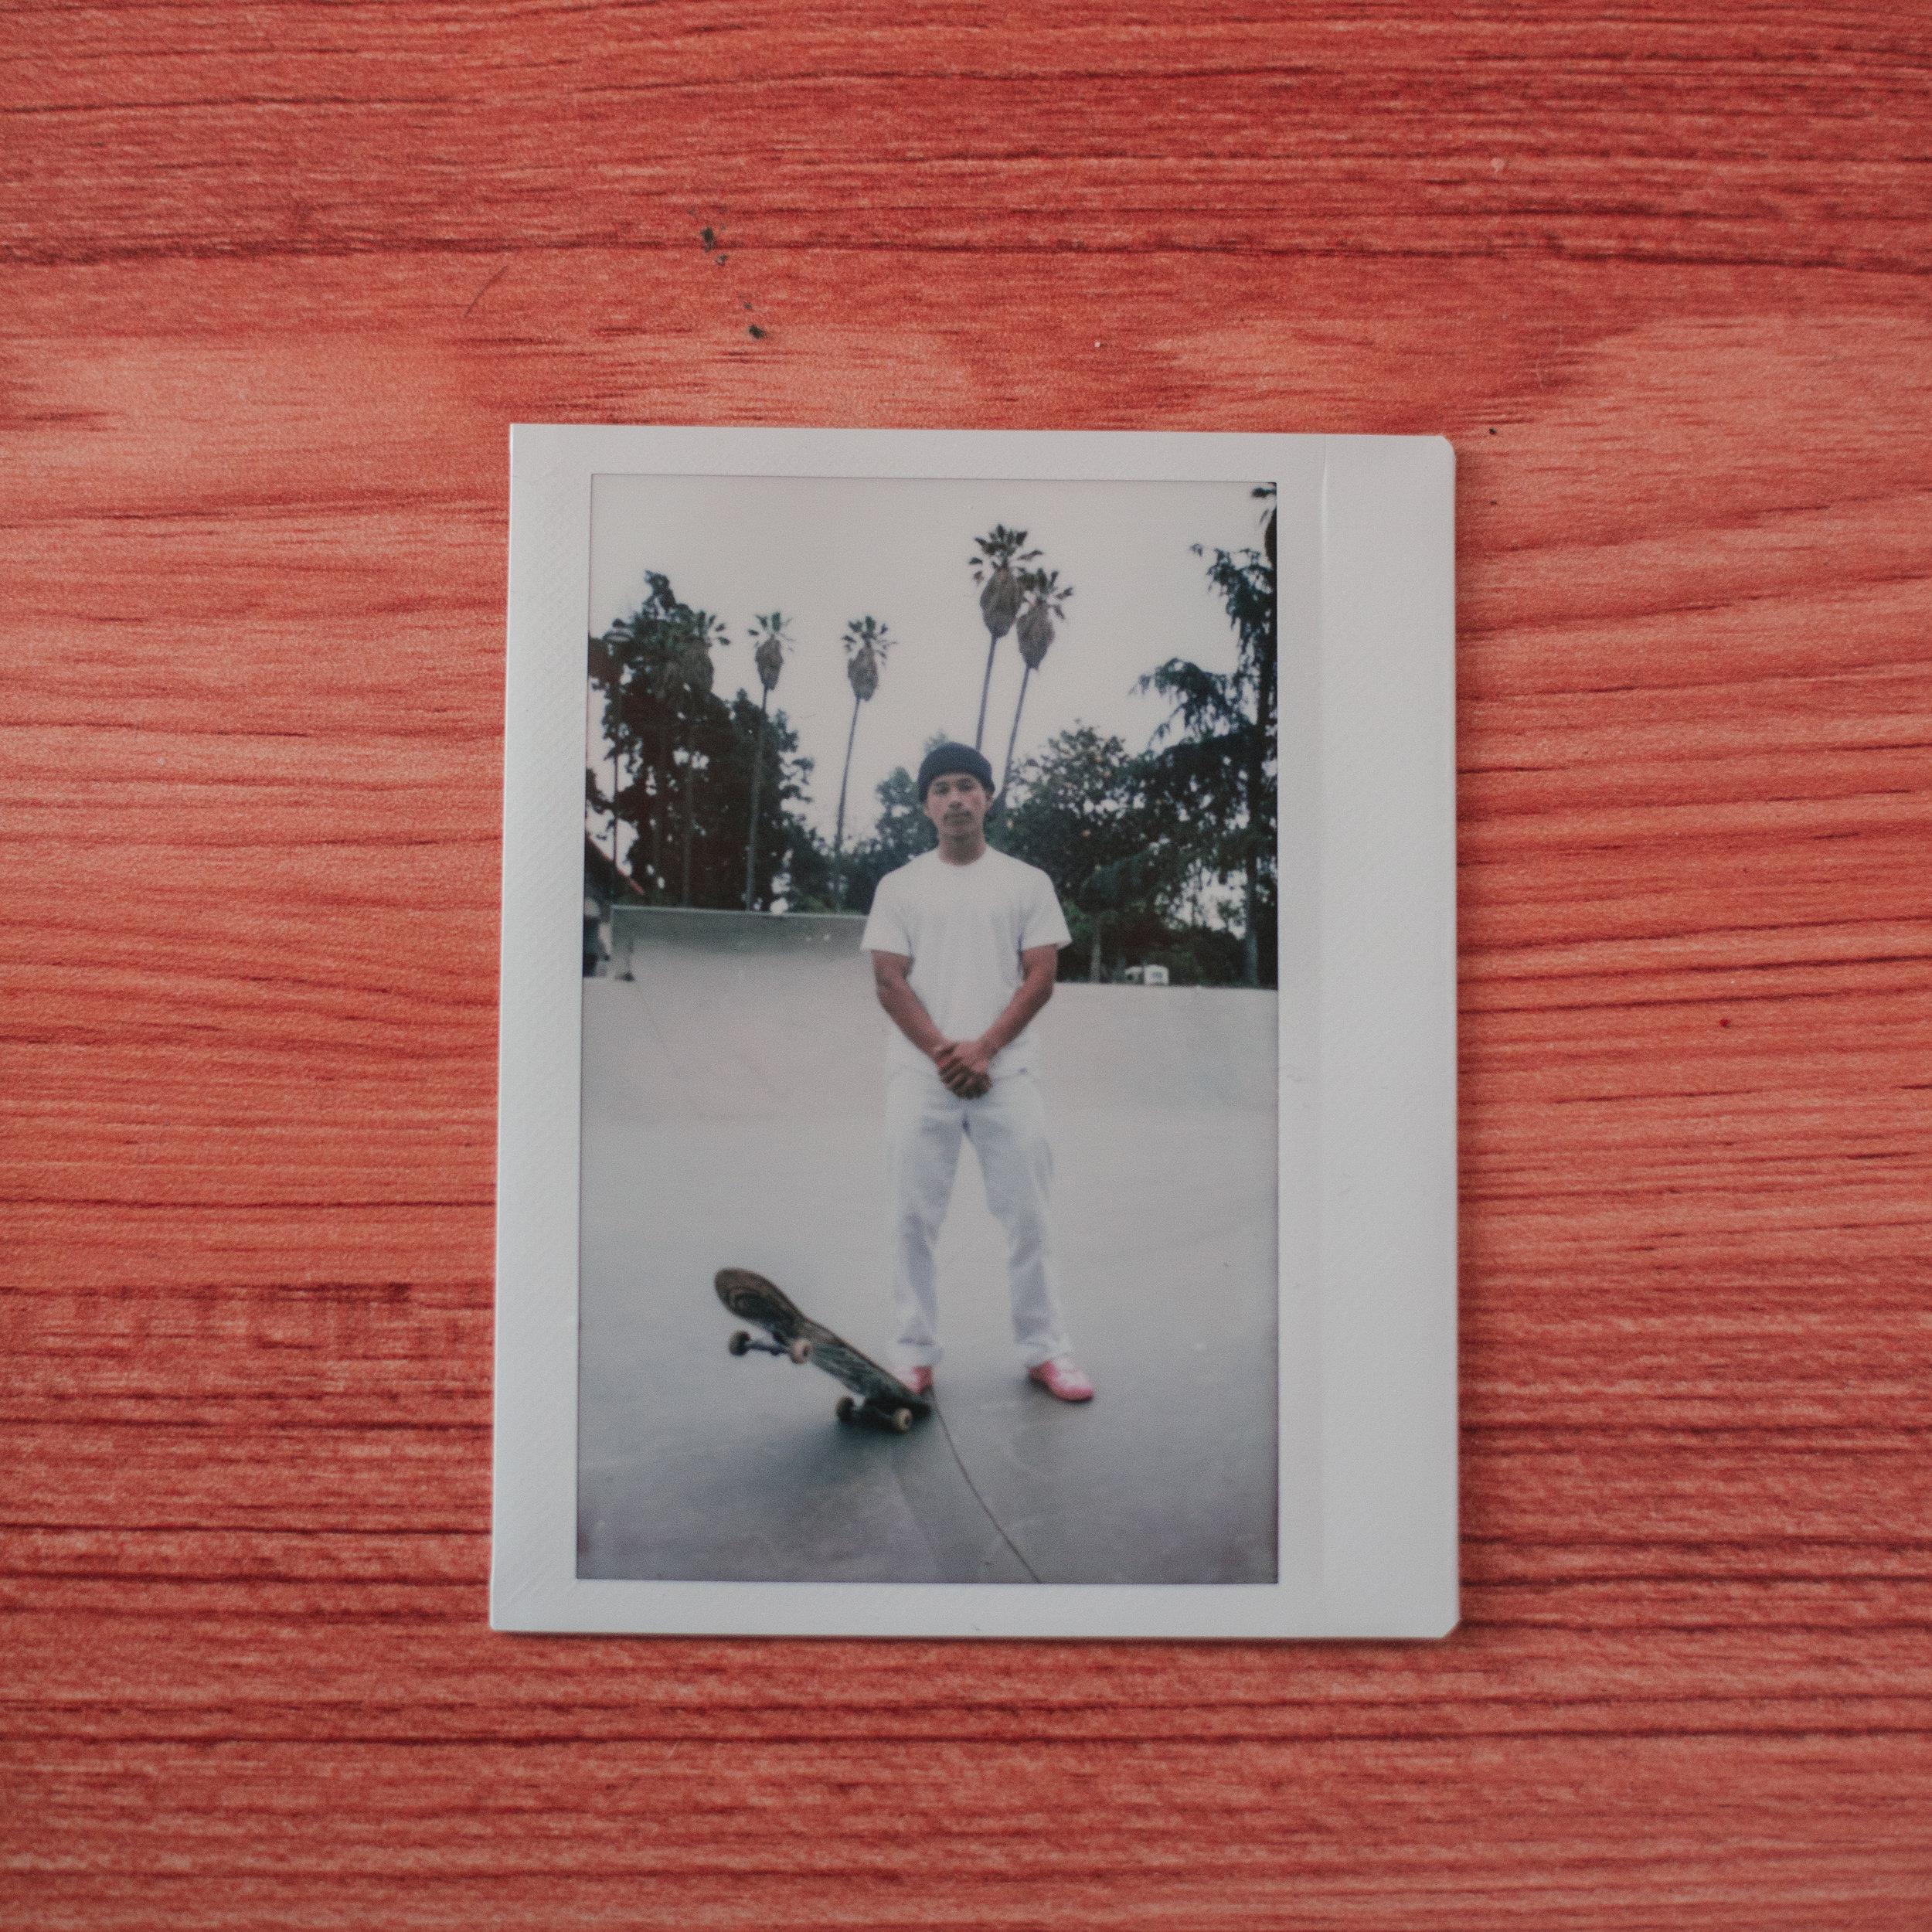 Brian Estrada, Pro Skateboarder, Deaf.